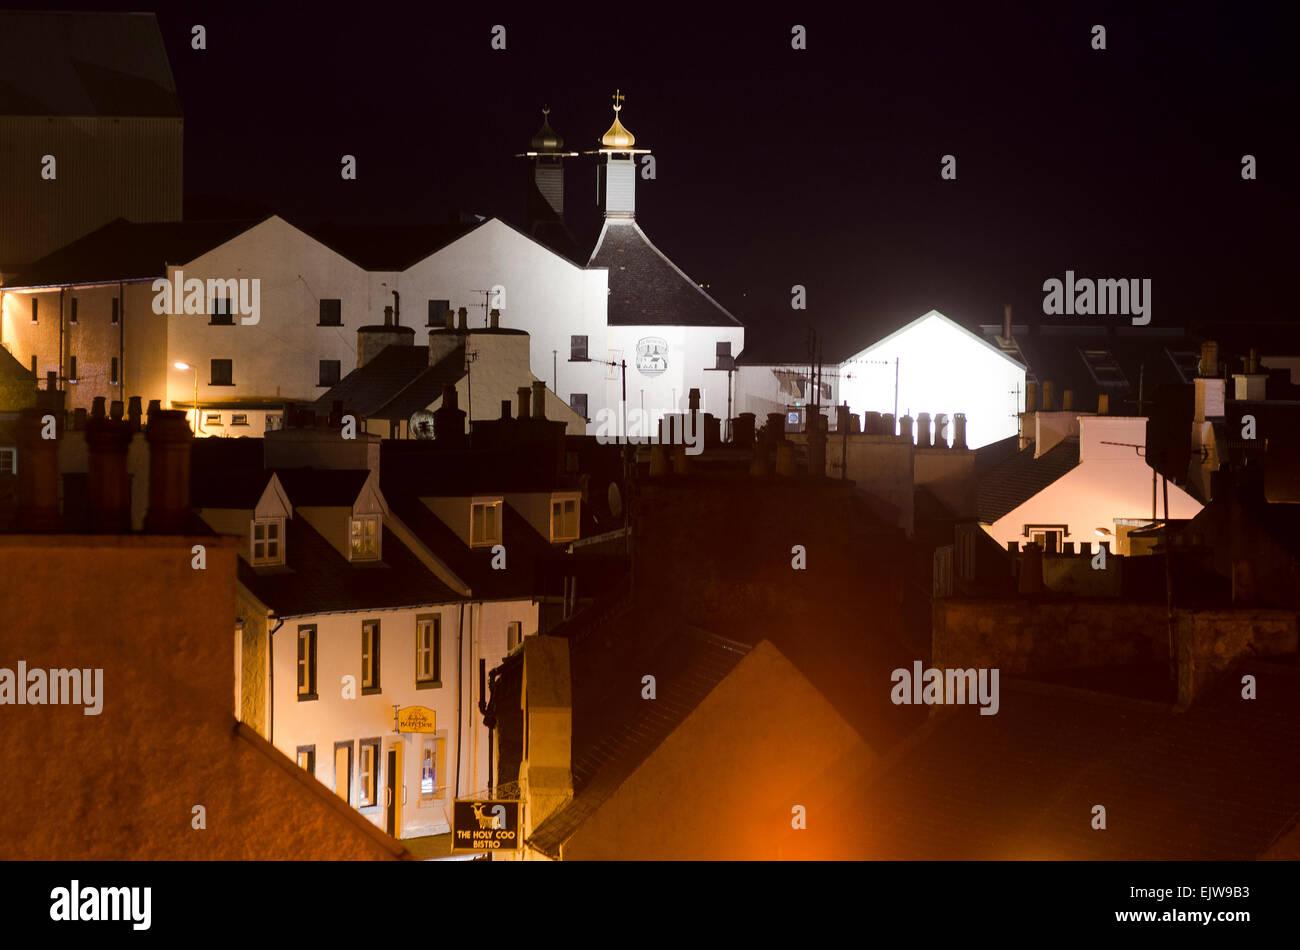 Avec bowmore Distillery et éclairage de rue au crépuscule Photo Stock